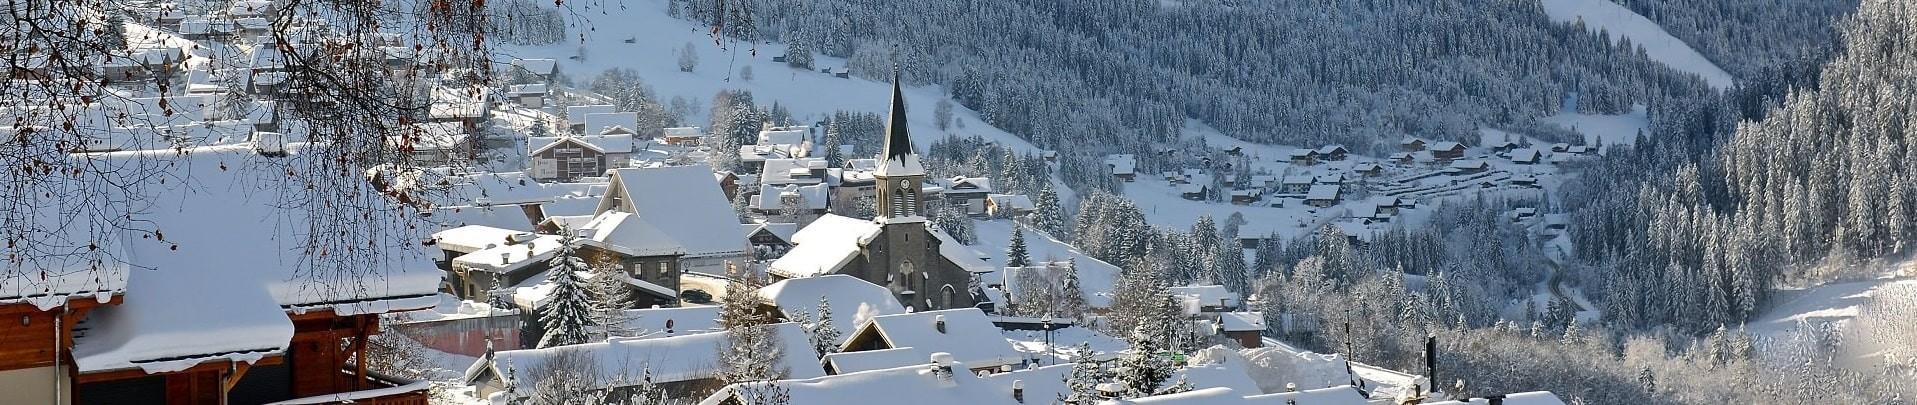 Le centre du village de Chatel en hiver ©jfvuarand